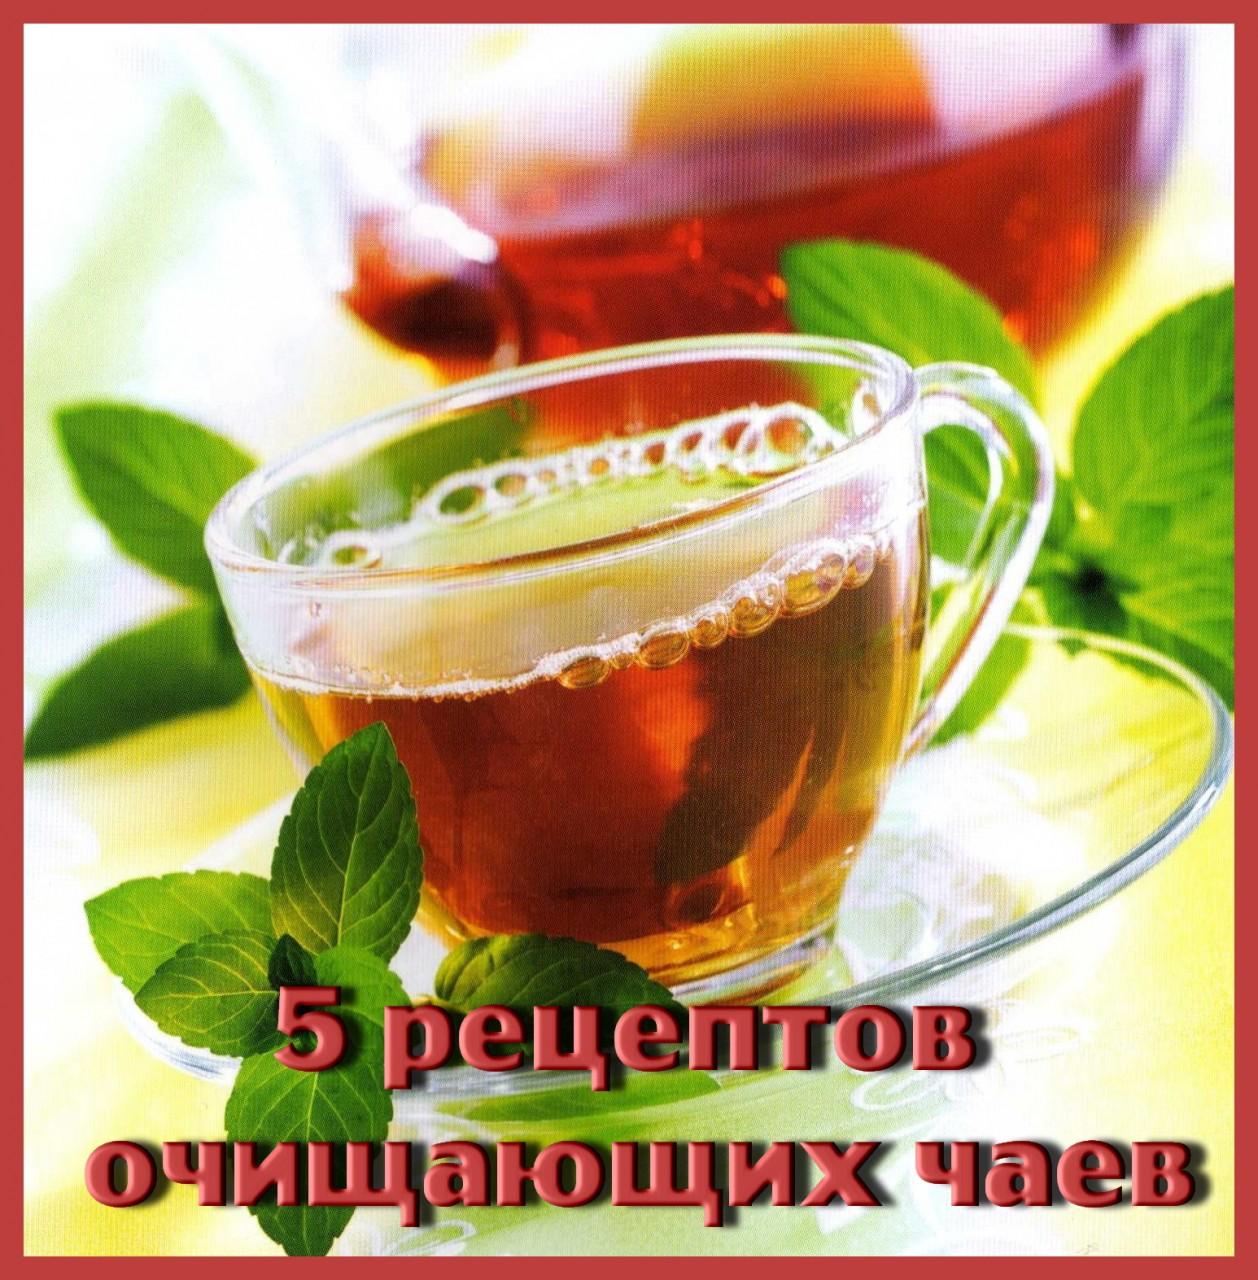 5 рецептов очищающих чаев.